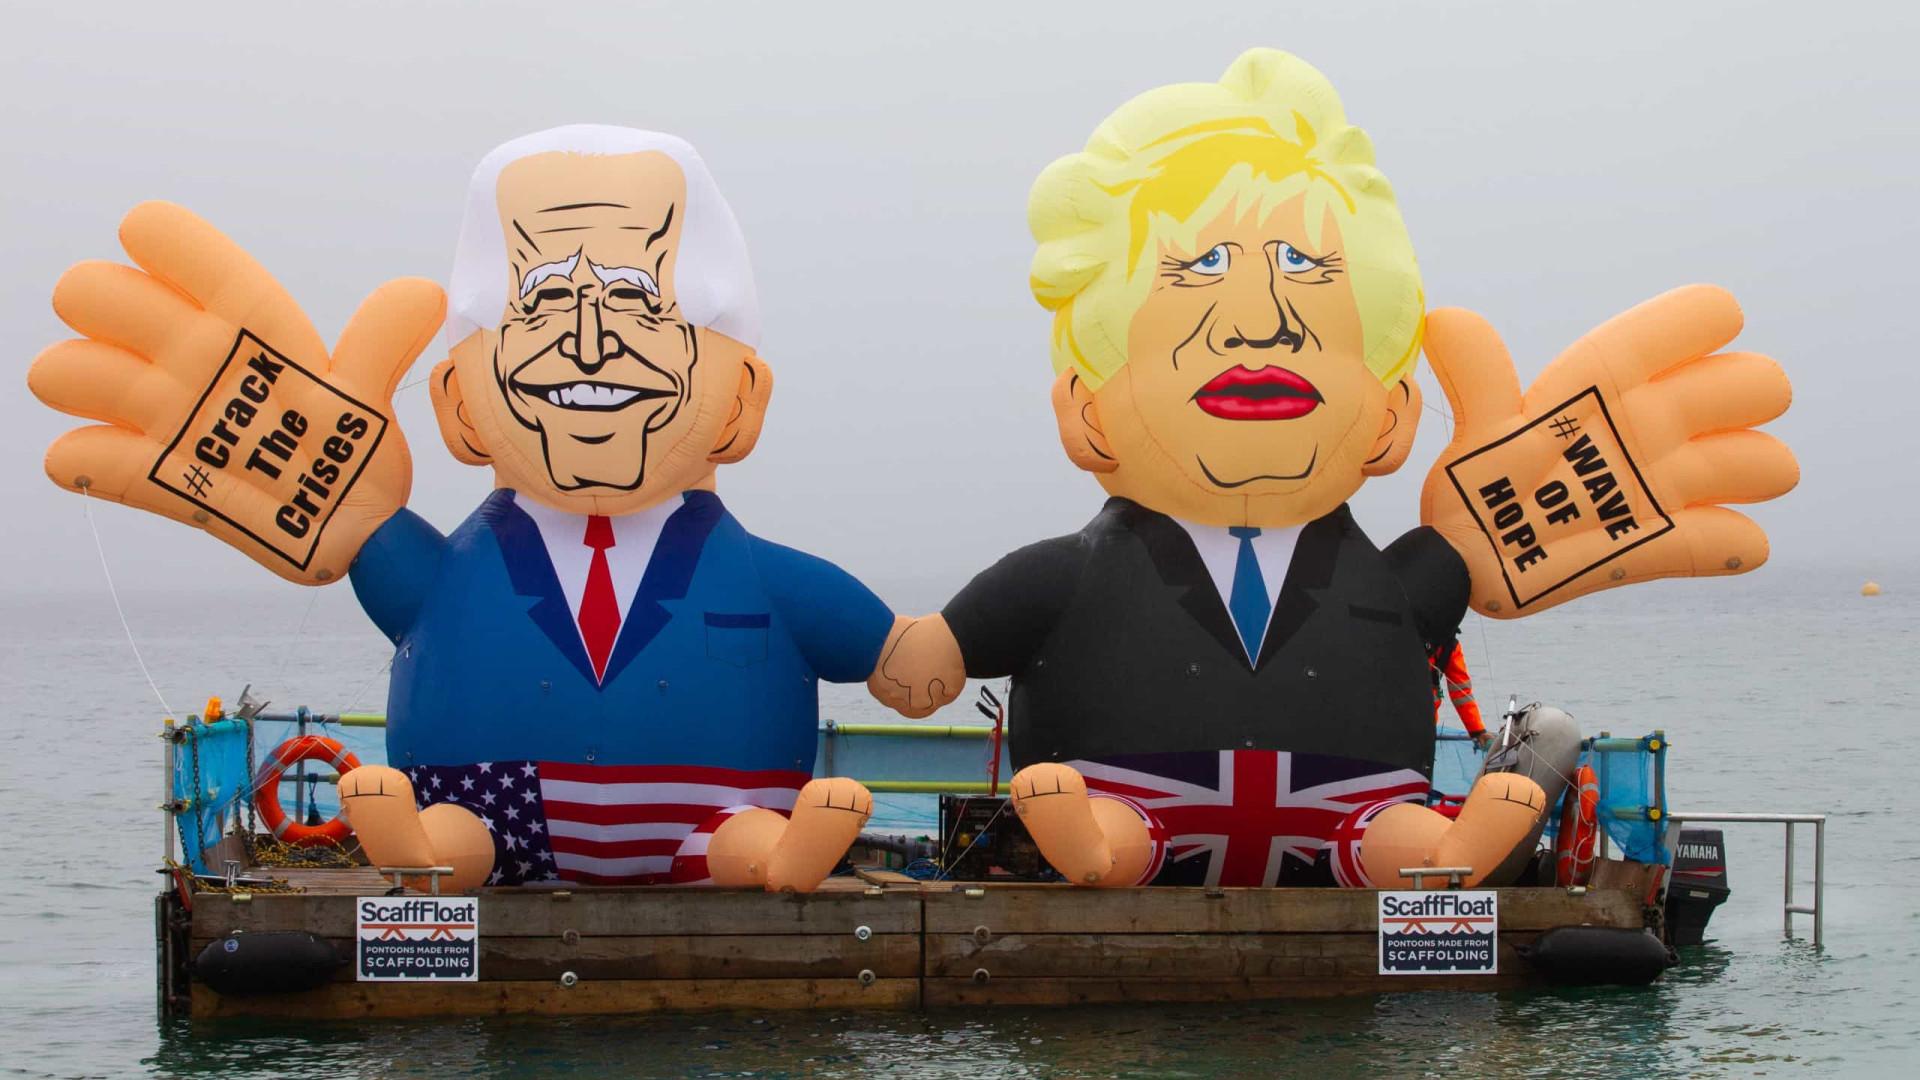 Pikachus, cabeças gigantes e insufláveis. Os ativistas na Cimeira do G7